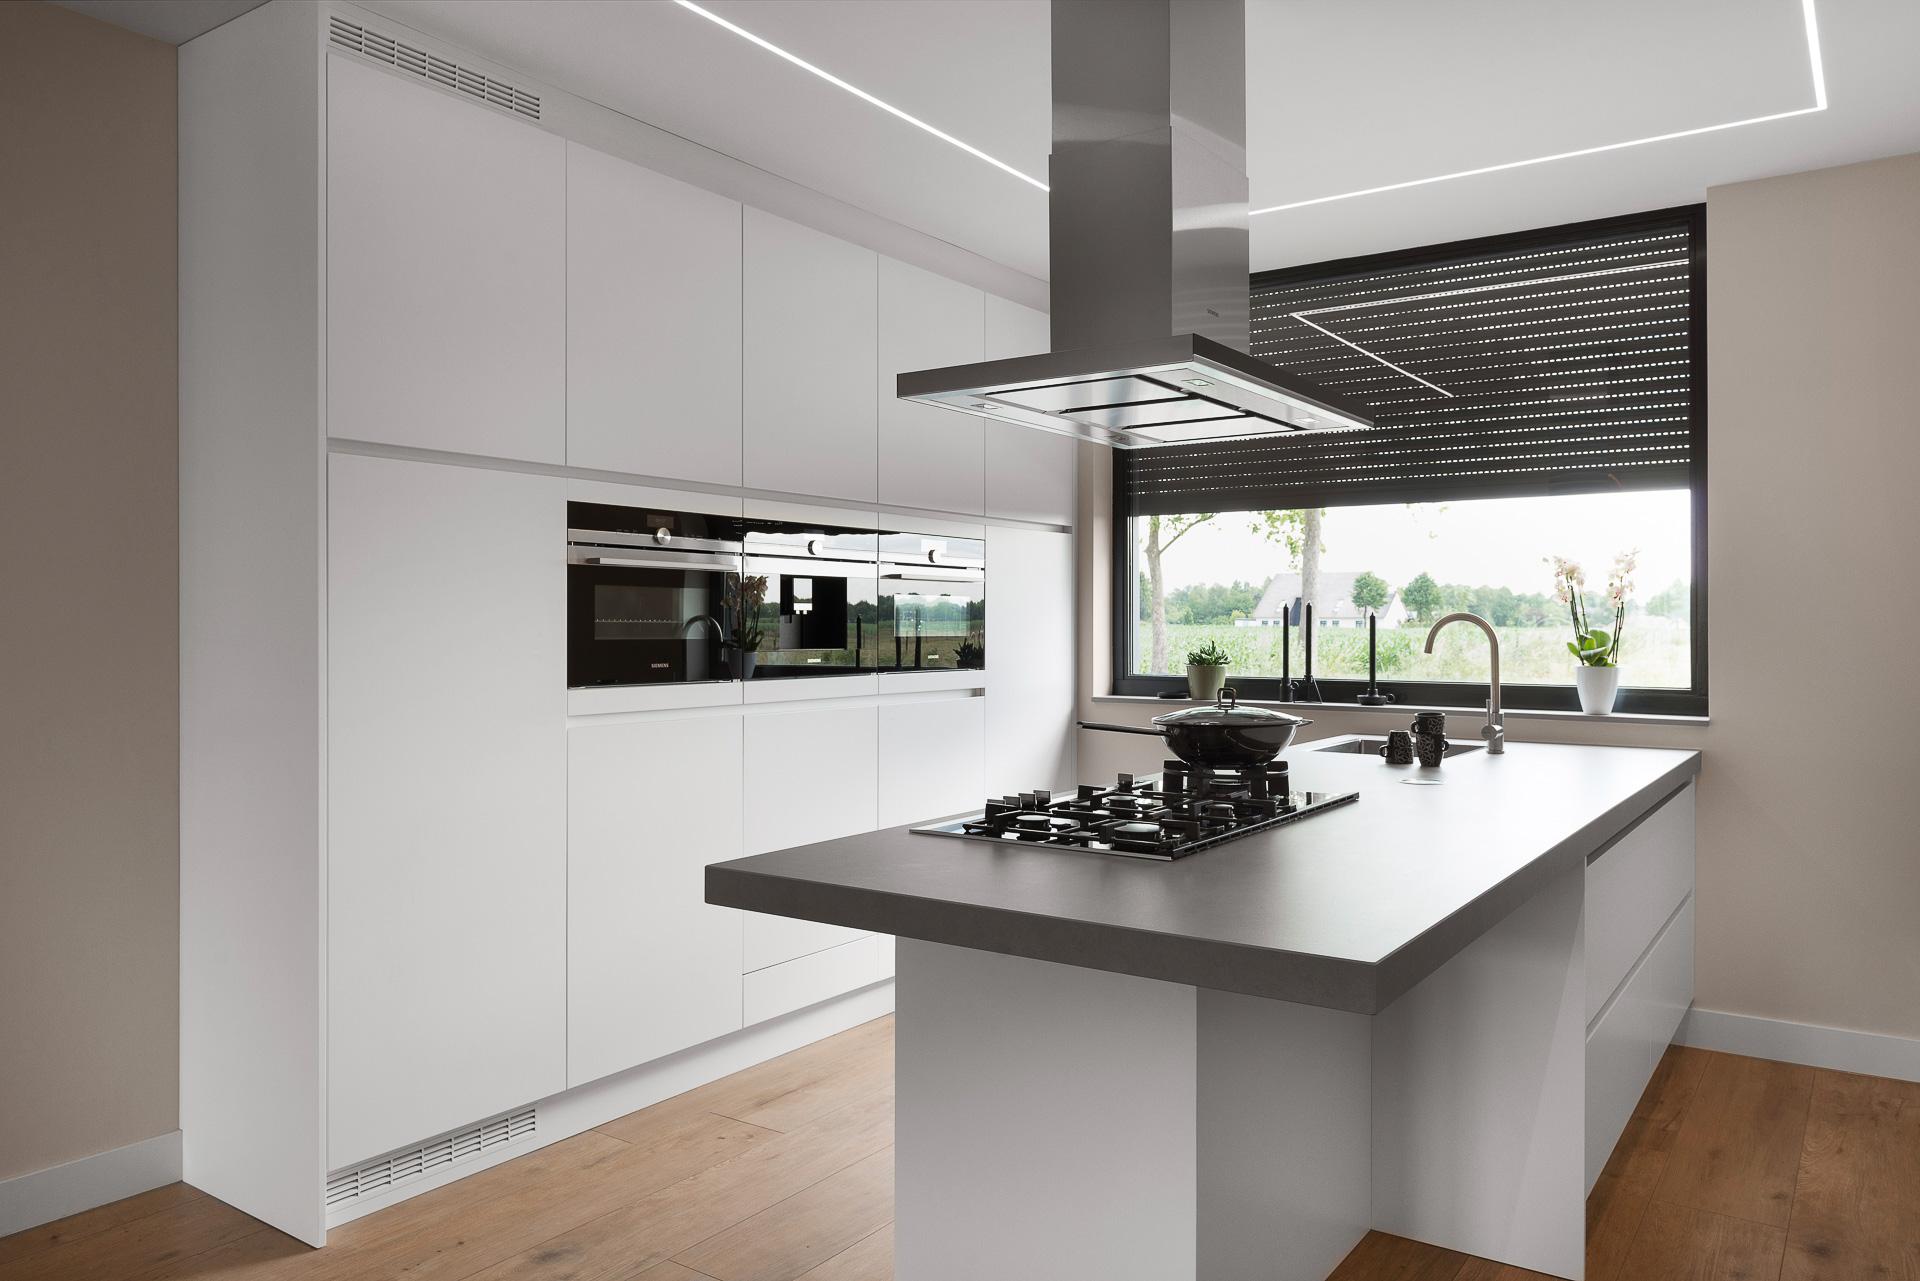 maatwerk weert jm interieurbouw maatkeukens interieur traprenovatie badmeubels